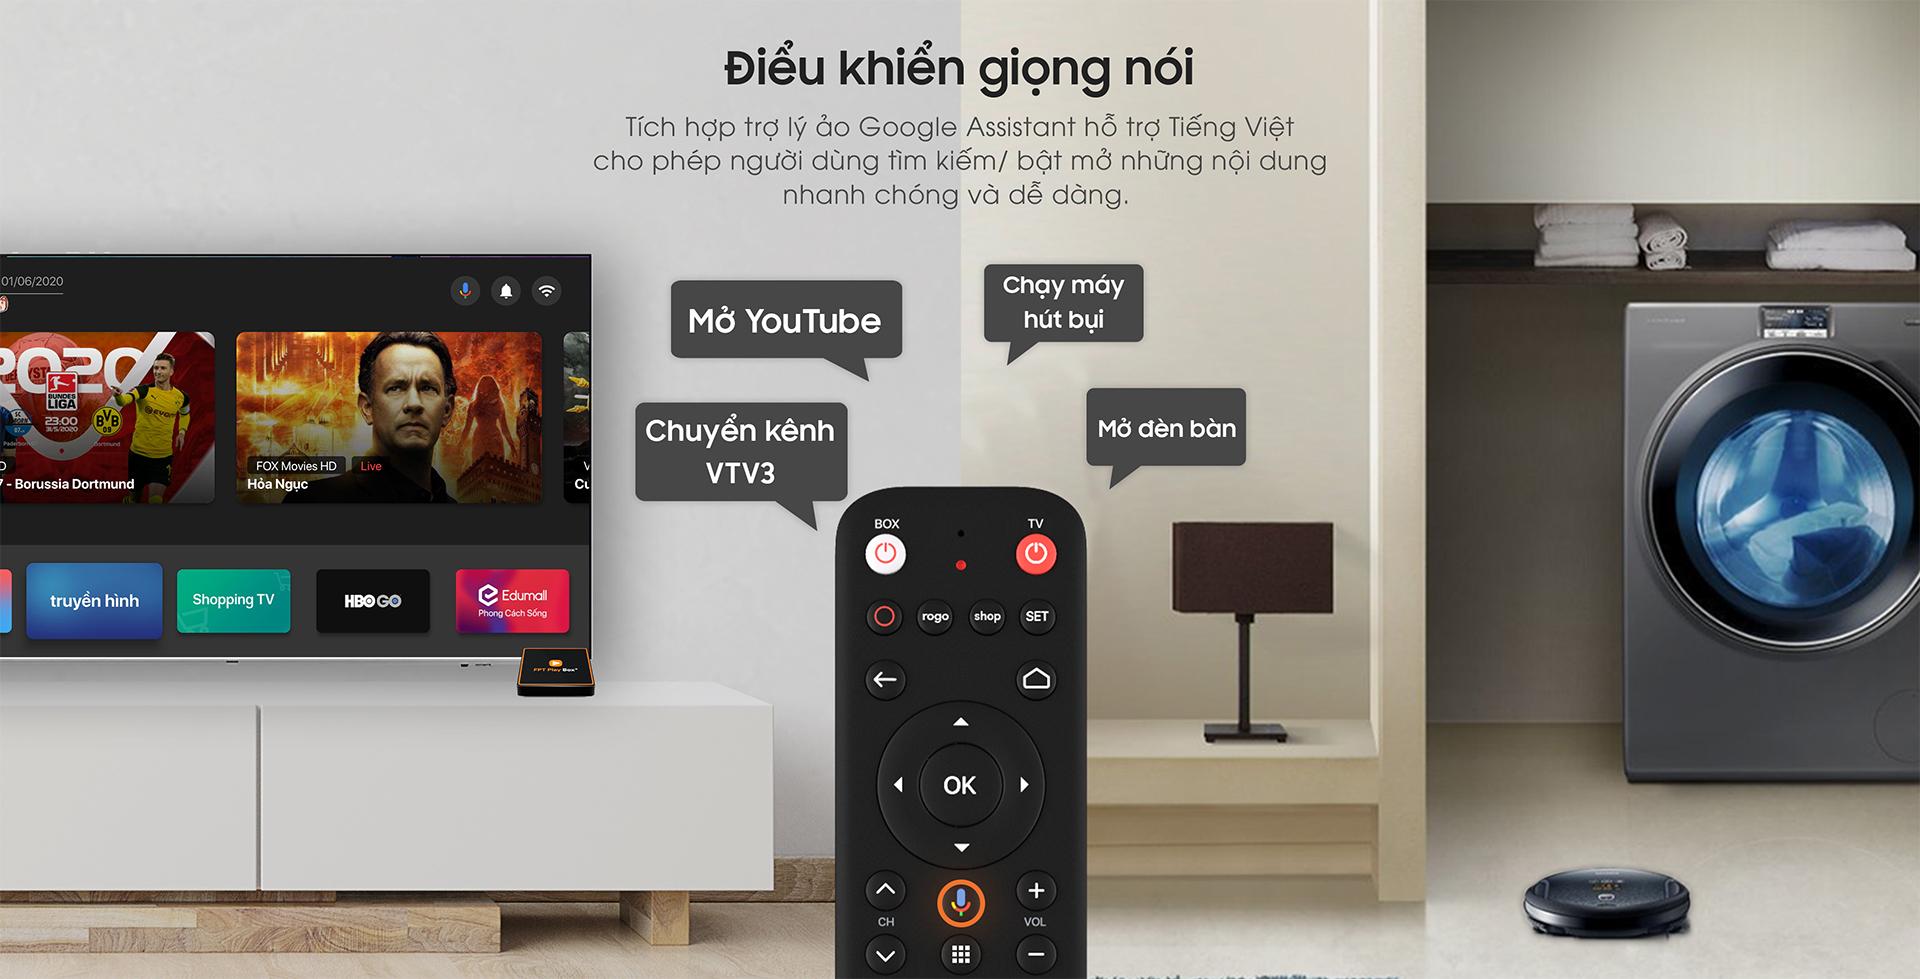 Tìm kiếm giọng gói với FPT Void Remote